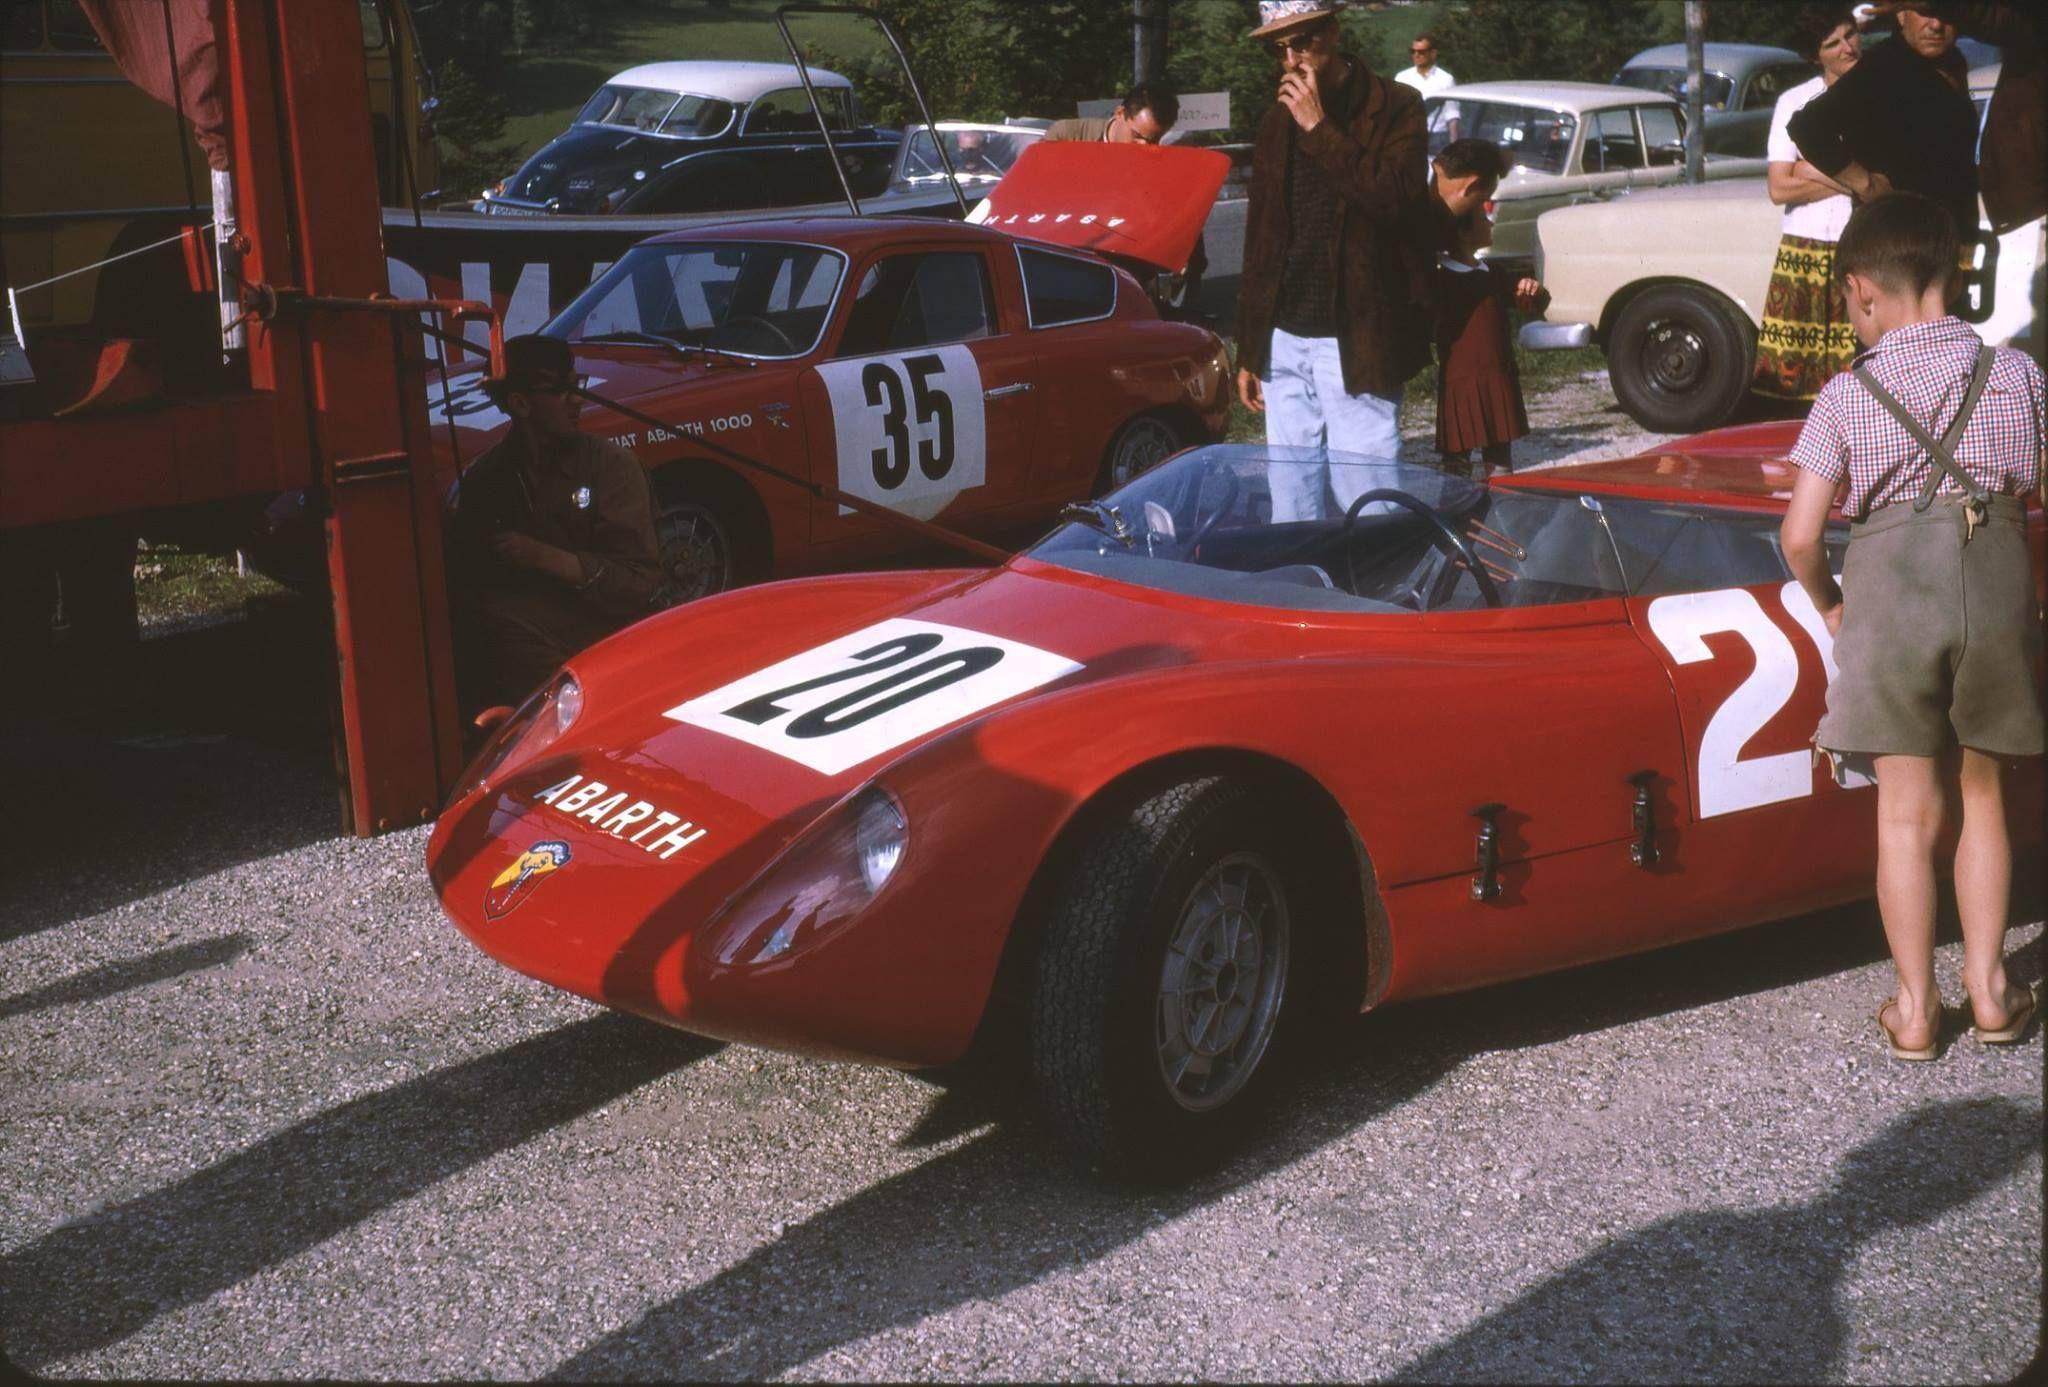 Abarth Sport 2000 von Tommy Spychiger im Vordergrund und ein 1000 Bialbero dahinter. Hier ist noch die falsche Startnummer montiert, weil Eberhard mit der Nr. 35 im Rennen fuhr - mit dem 2300 S Coupe. (Aufnahme vom Roßfeld 2014)